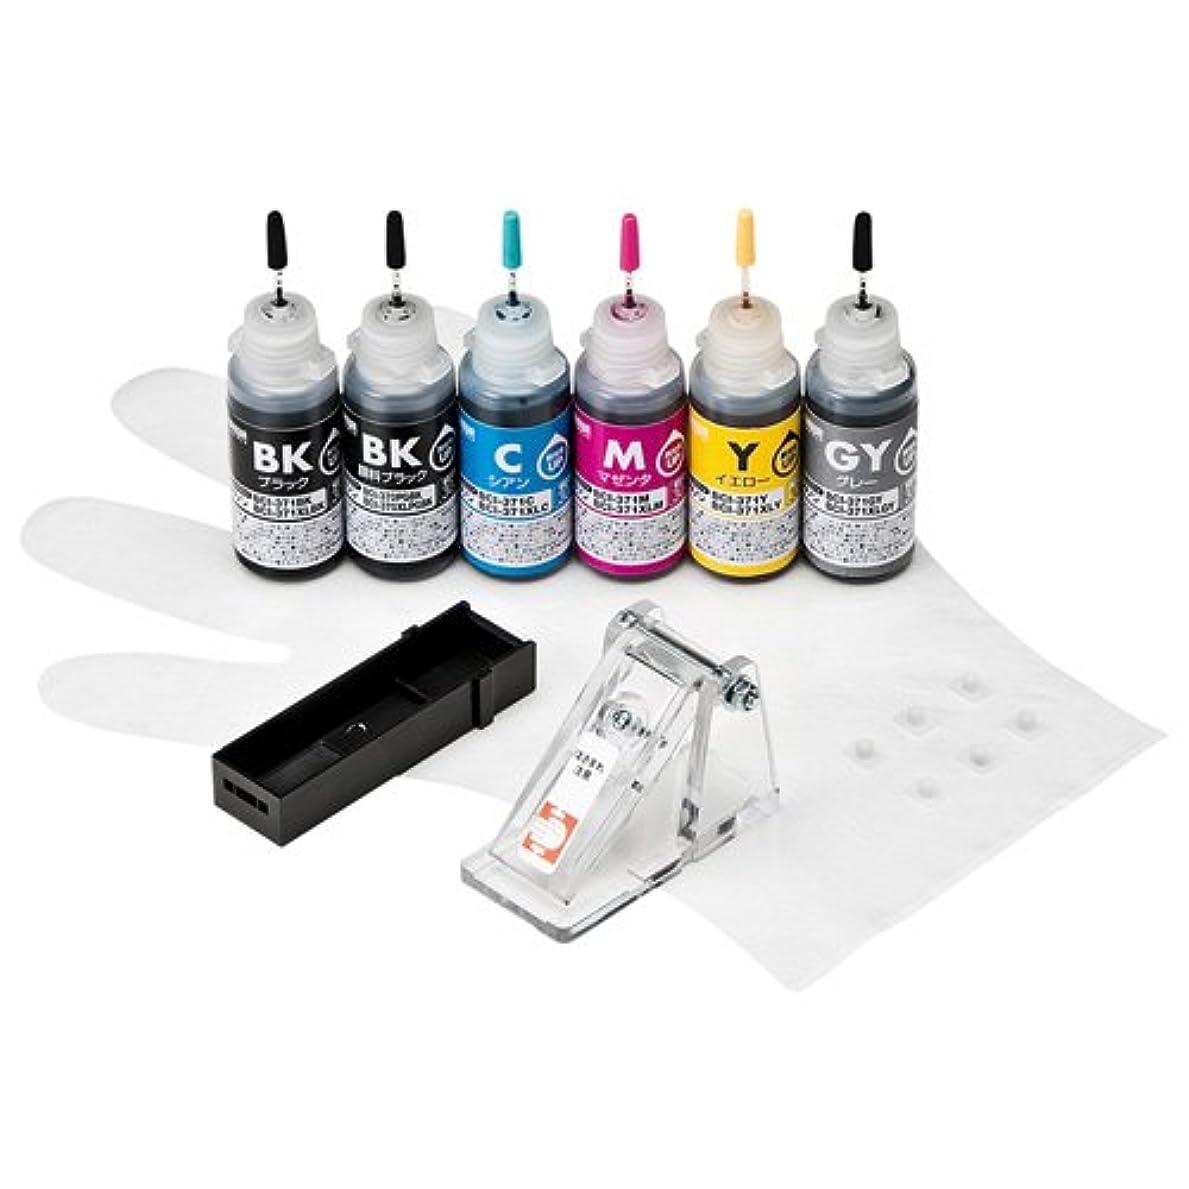 レンジ指標使い込むサンワサプライ アウトレット BCI-371+370/6MP キヤノン 詰め替えインク 6色 各30ml INK-C371S30S6 箱にキズ、汚れのあるアウトレット品です。